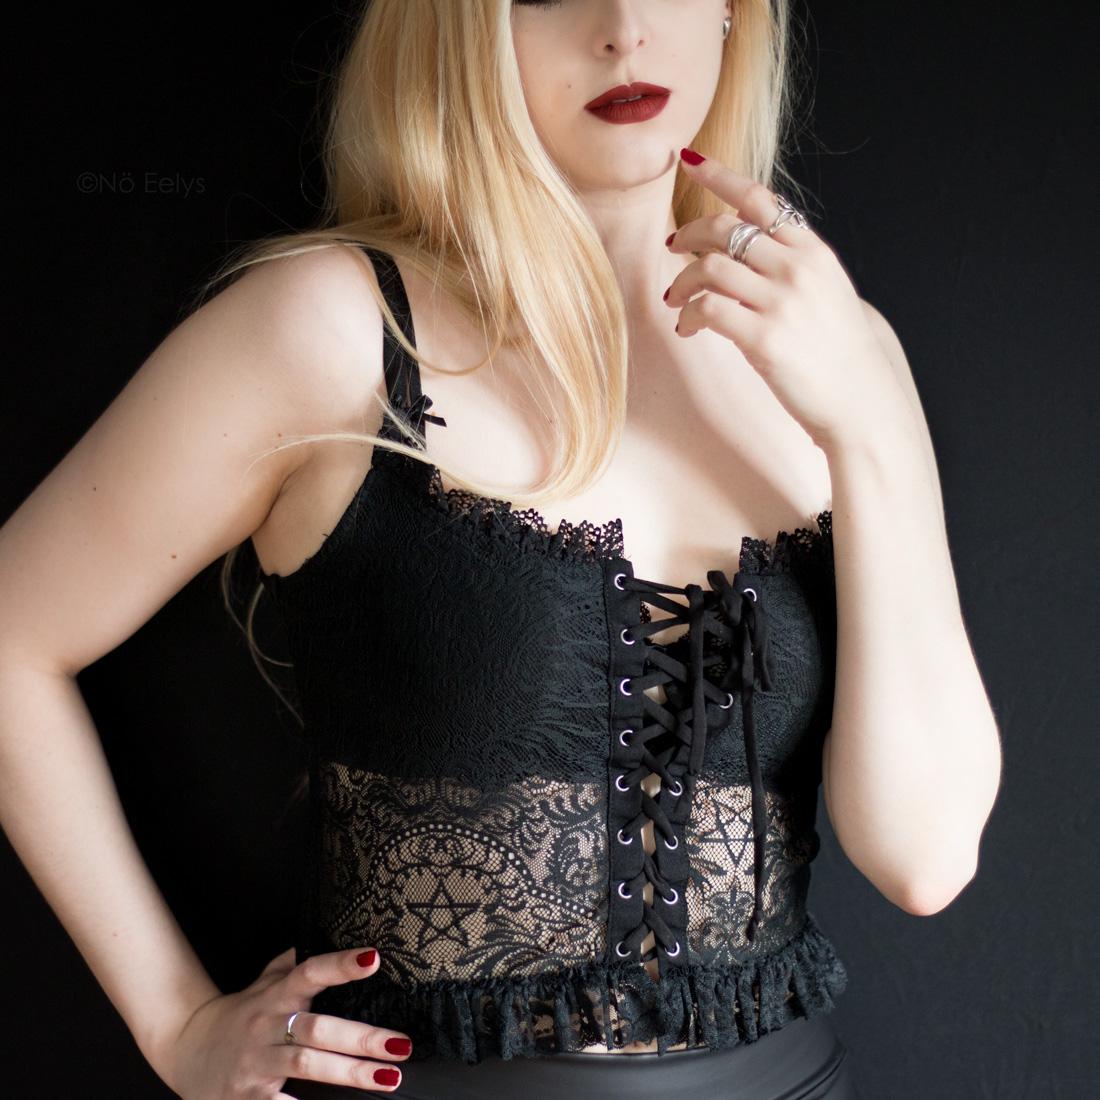 Killstar Sabina Lace Top haut gothique dentelle lacets Avis Le Boudoir de No Eelys blog gothique